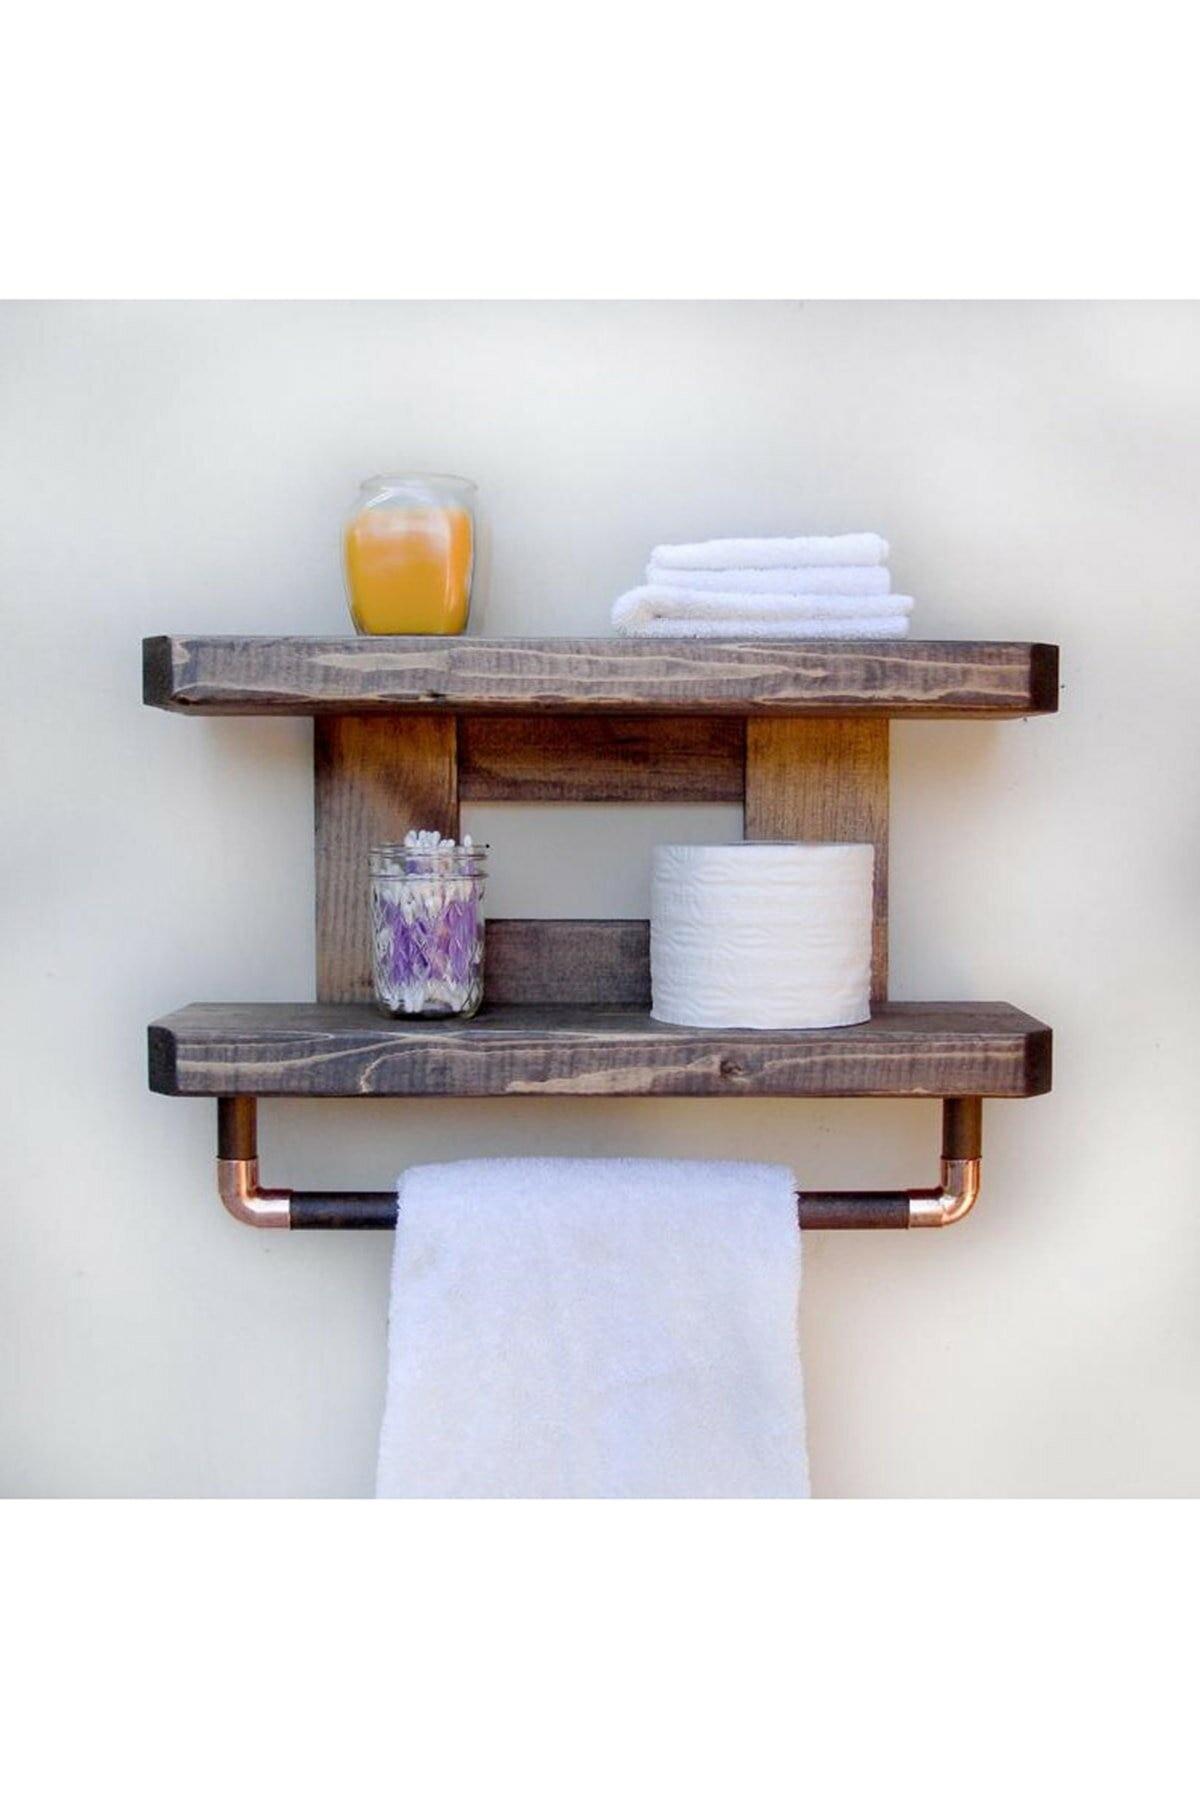 100% خشب متين رف الحمام 2 طبقات منشفة حامل خشبي الحمام المنظم منشفة حامل رف الحمام خشبية حمالة تعليق جدارية